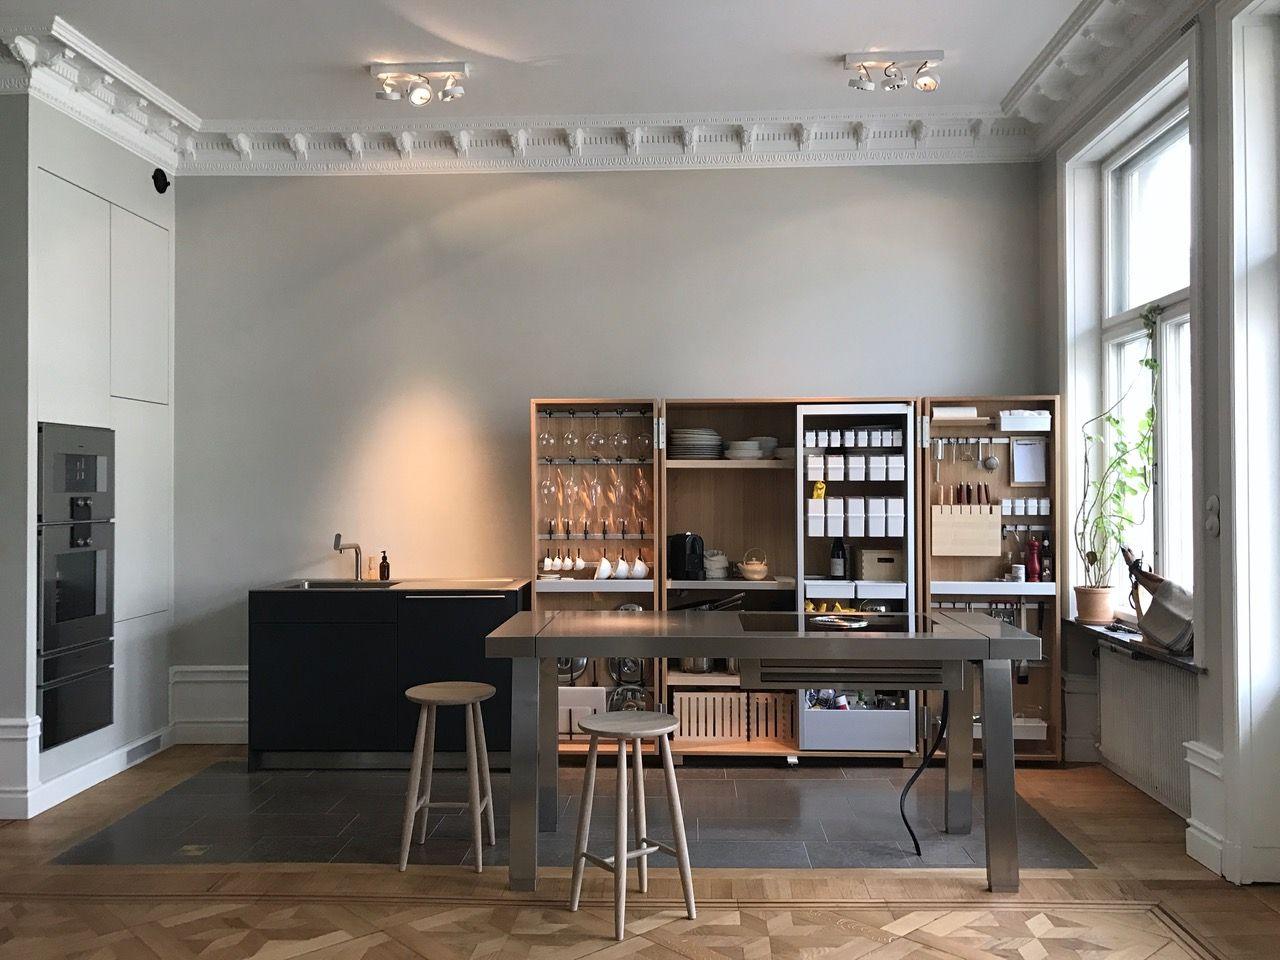 Bulthaup B2 Kitchen In Stockholm Kuchendesign Versteckte Kuche Architektur Und Wohnen